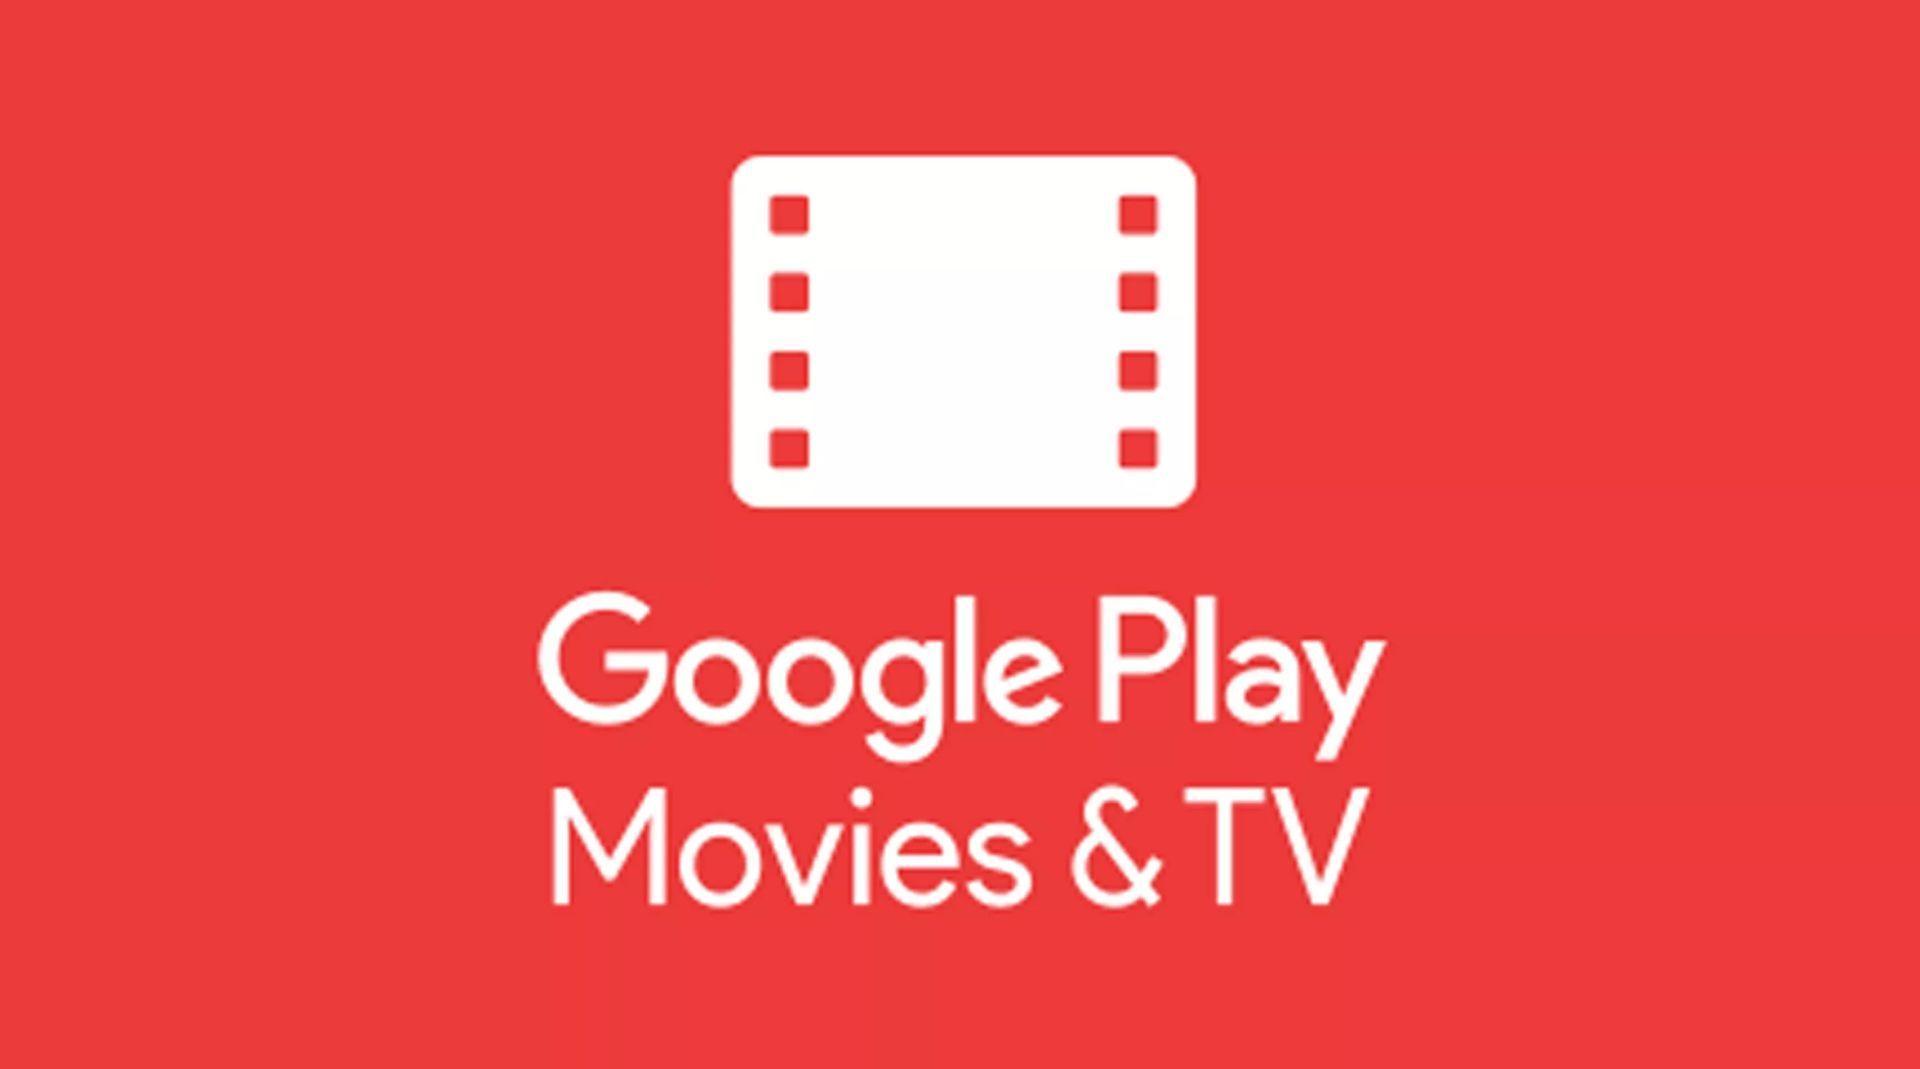 Google娱乐功能缩减:已将Google Play Movie & TV关闭 | 6月14日坏消息榜